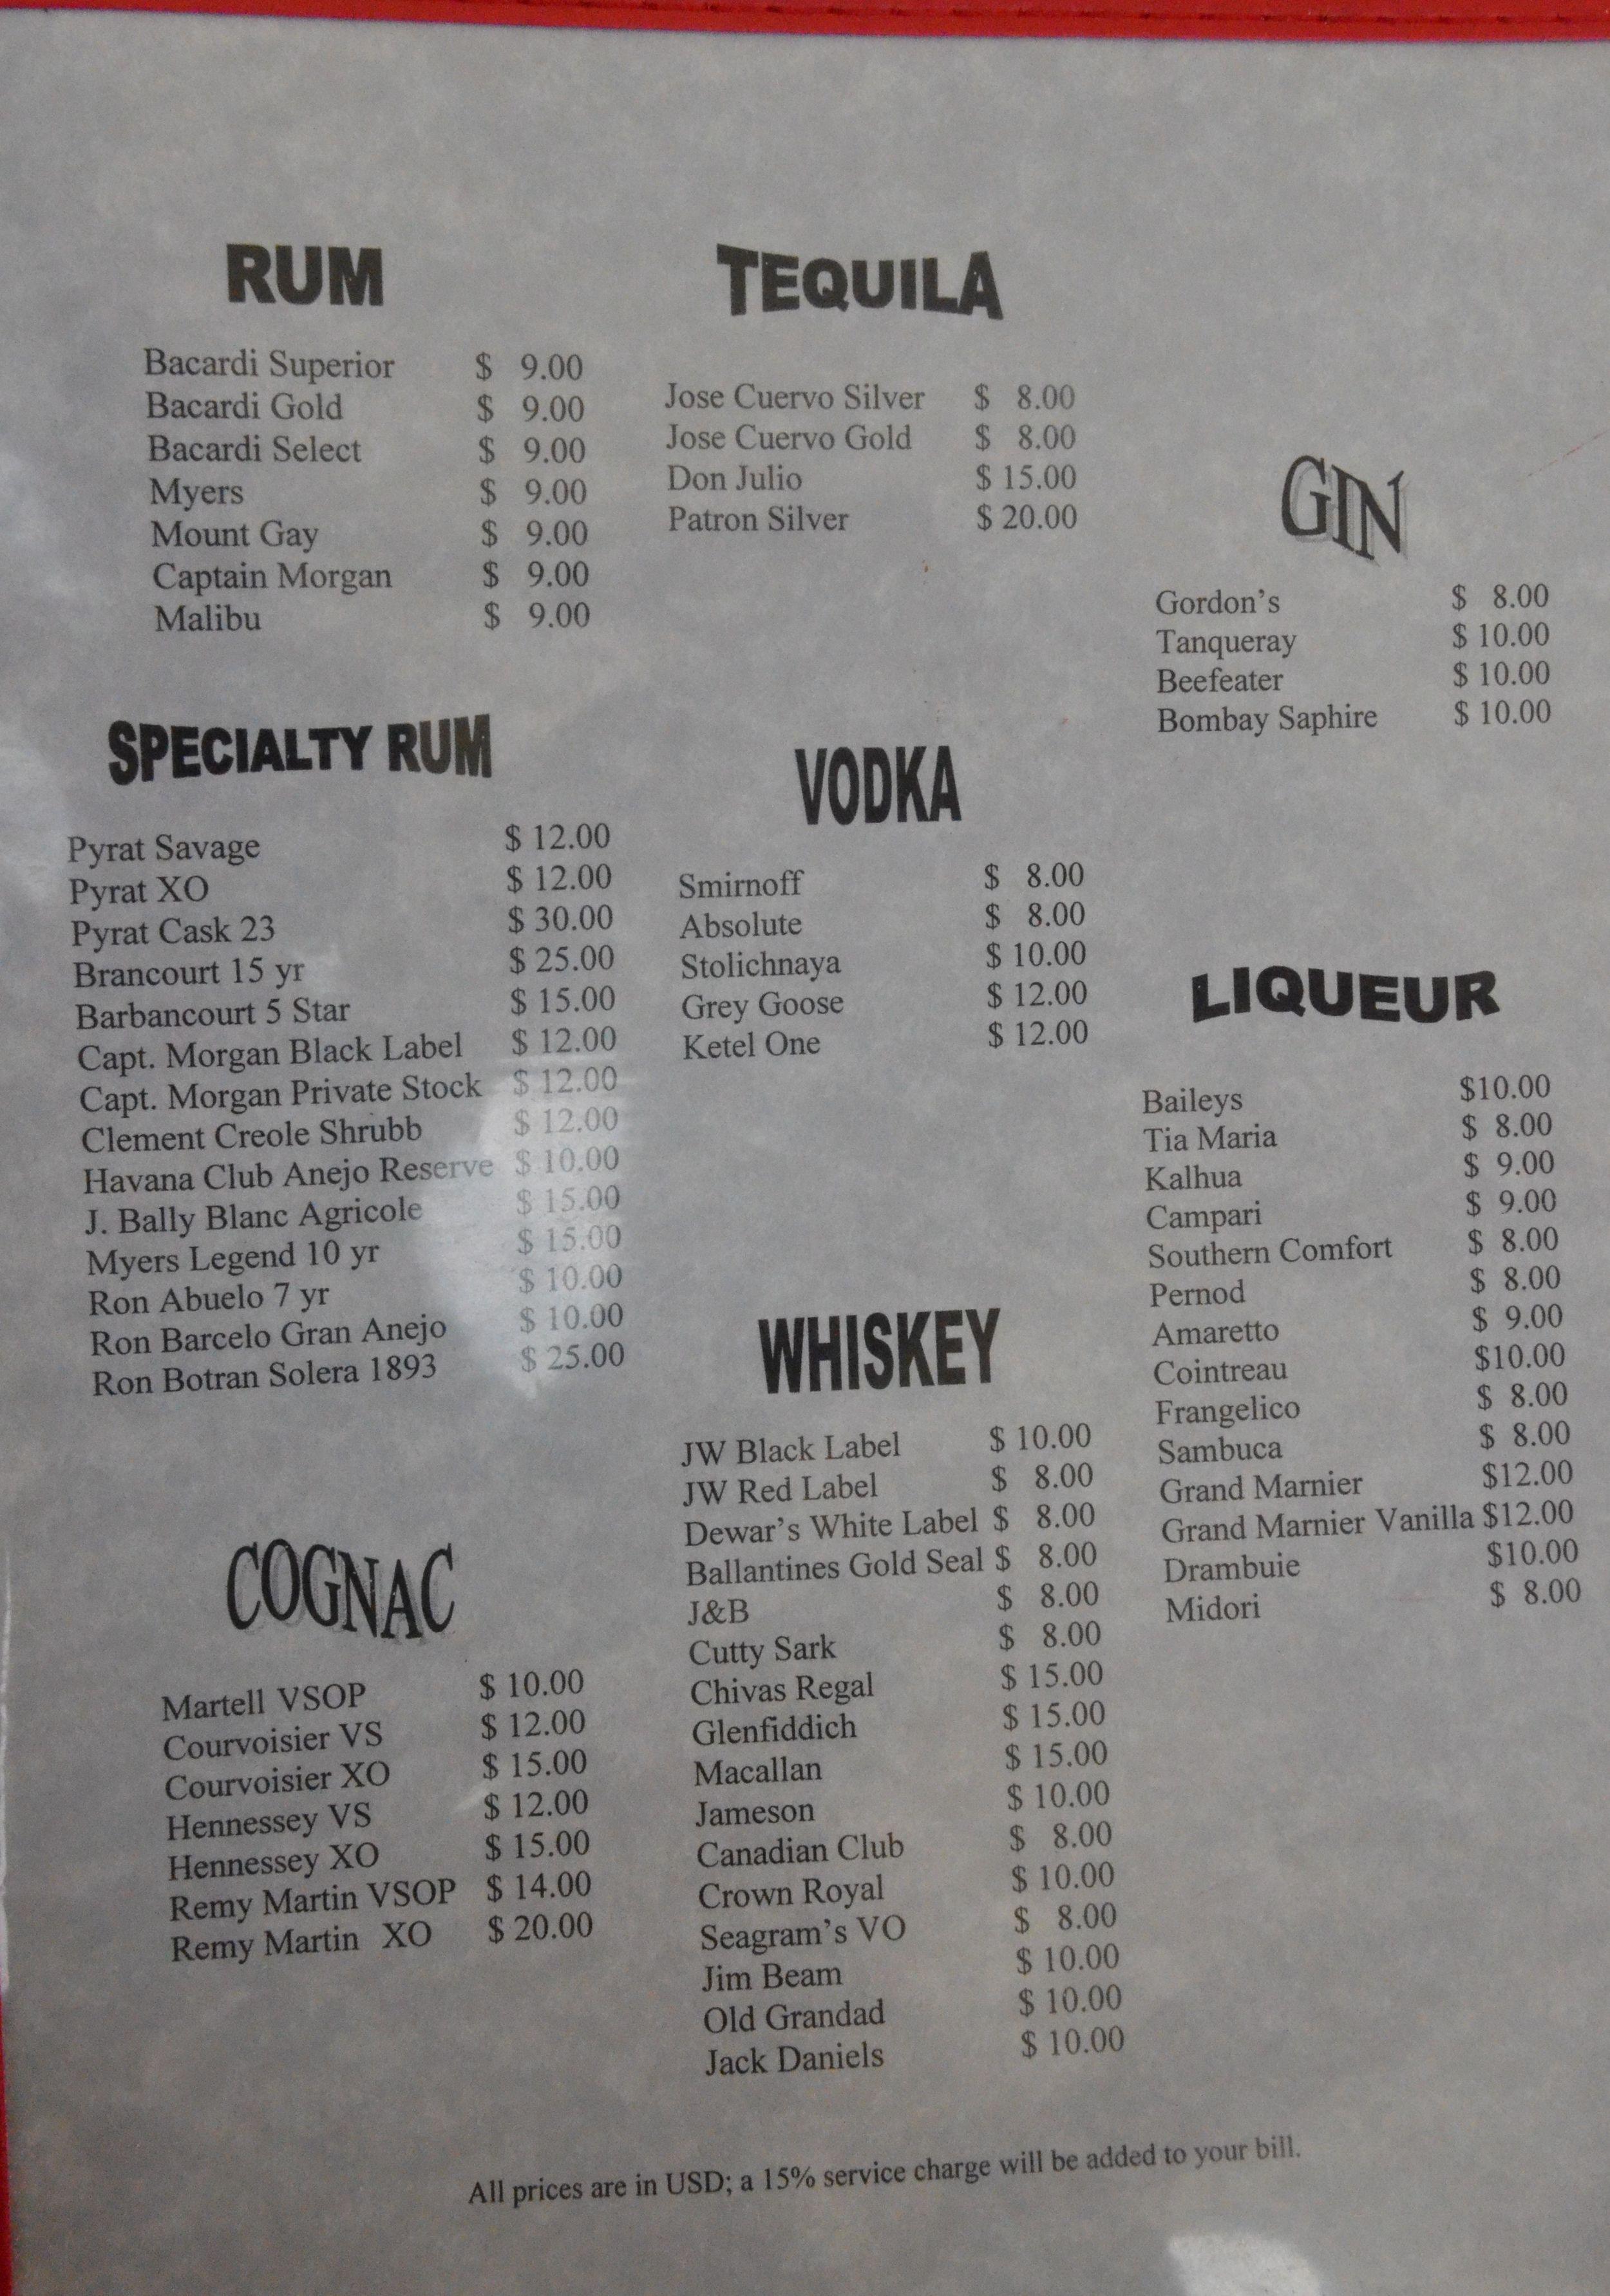 Smokey's Menu - Liquor.jpg